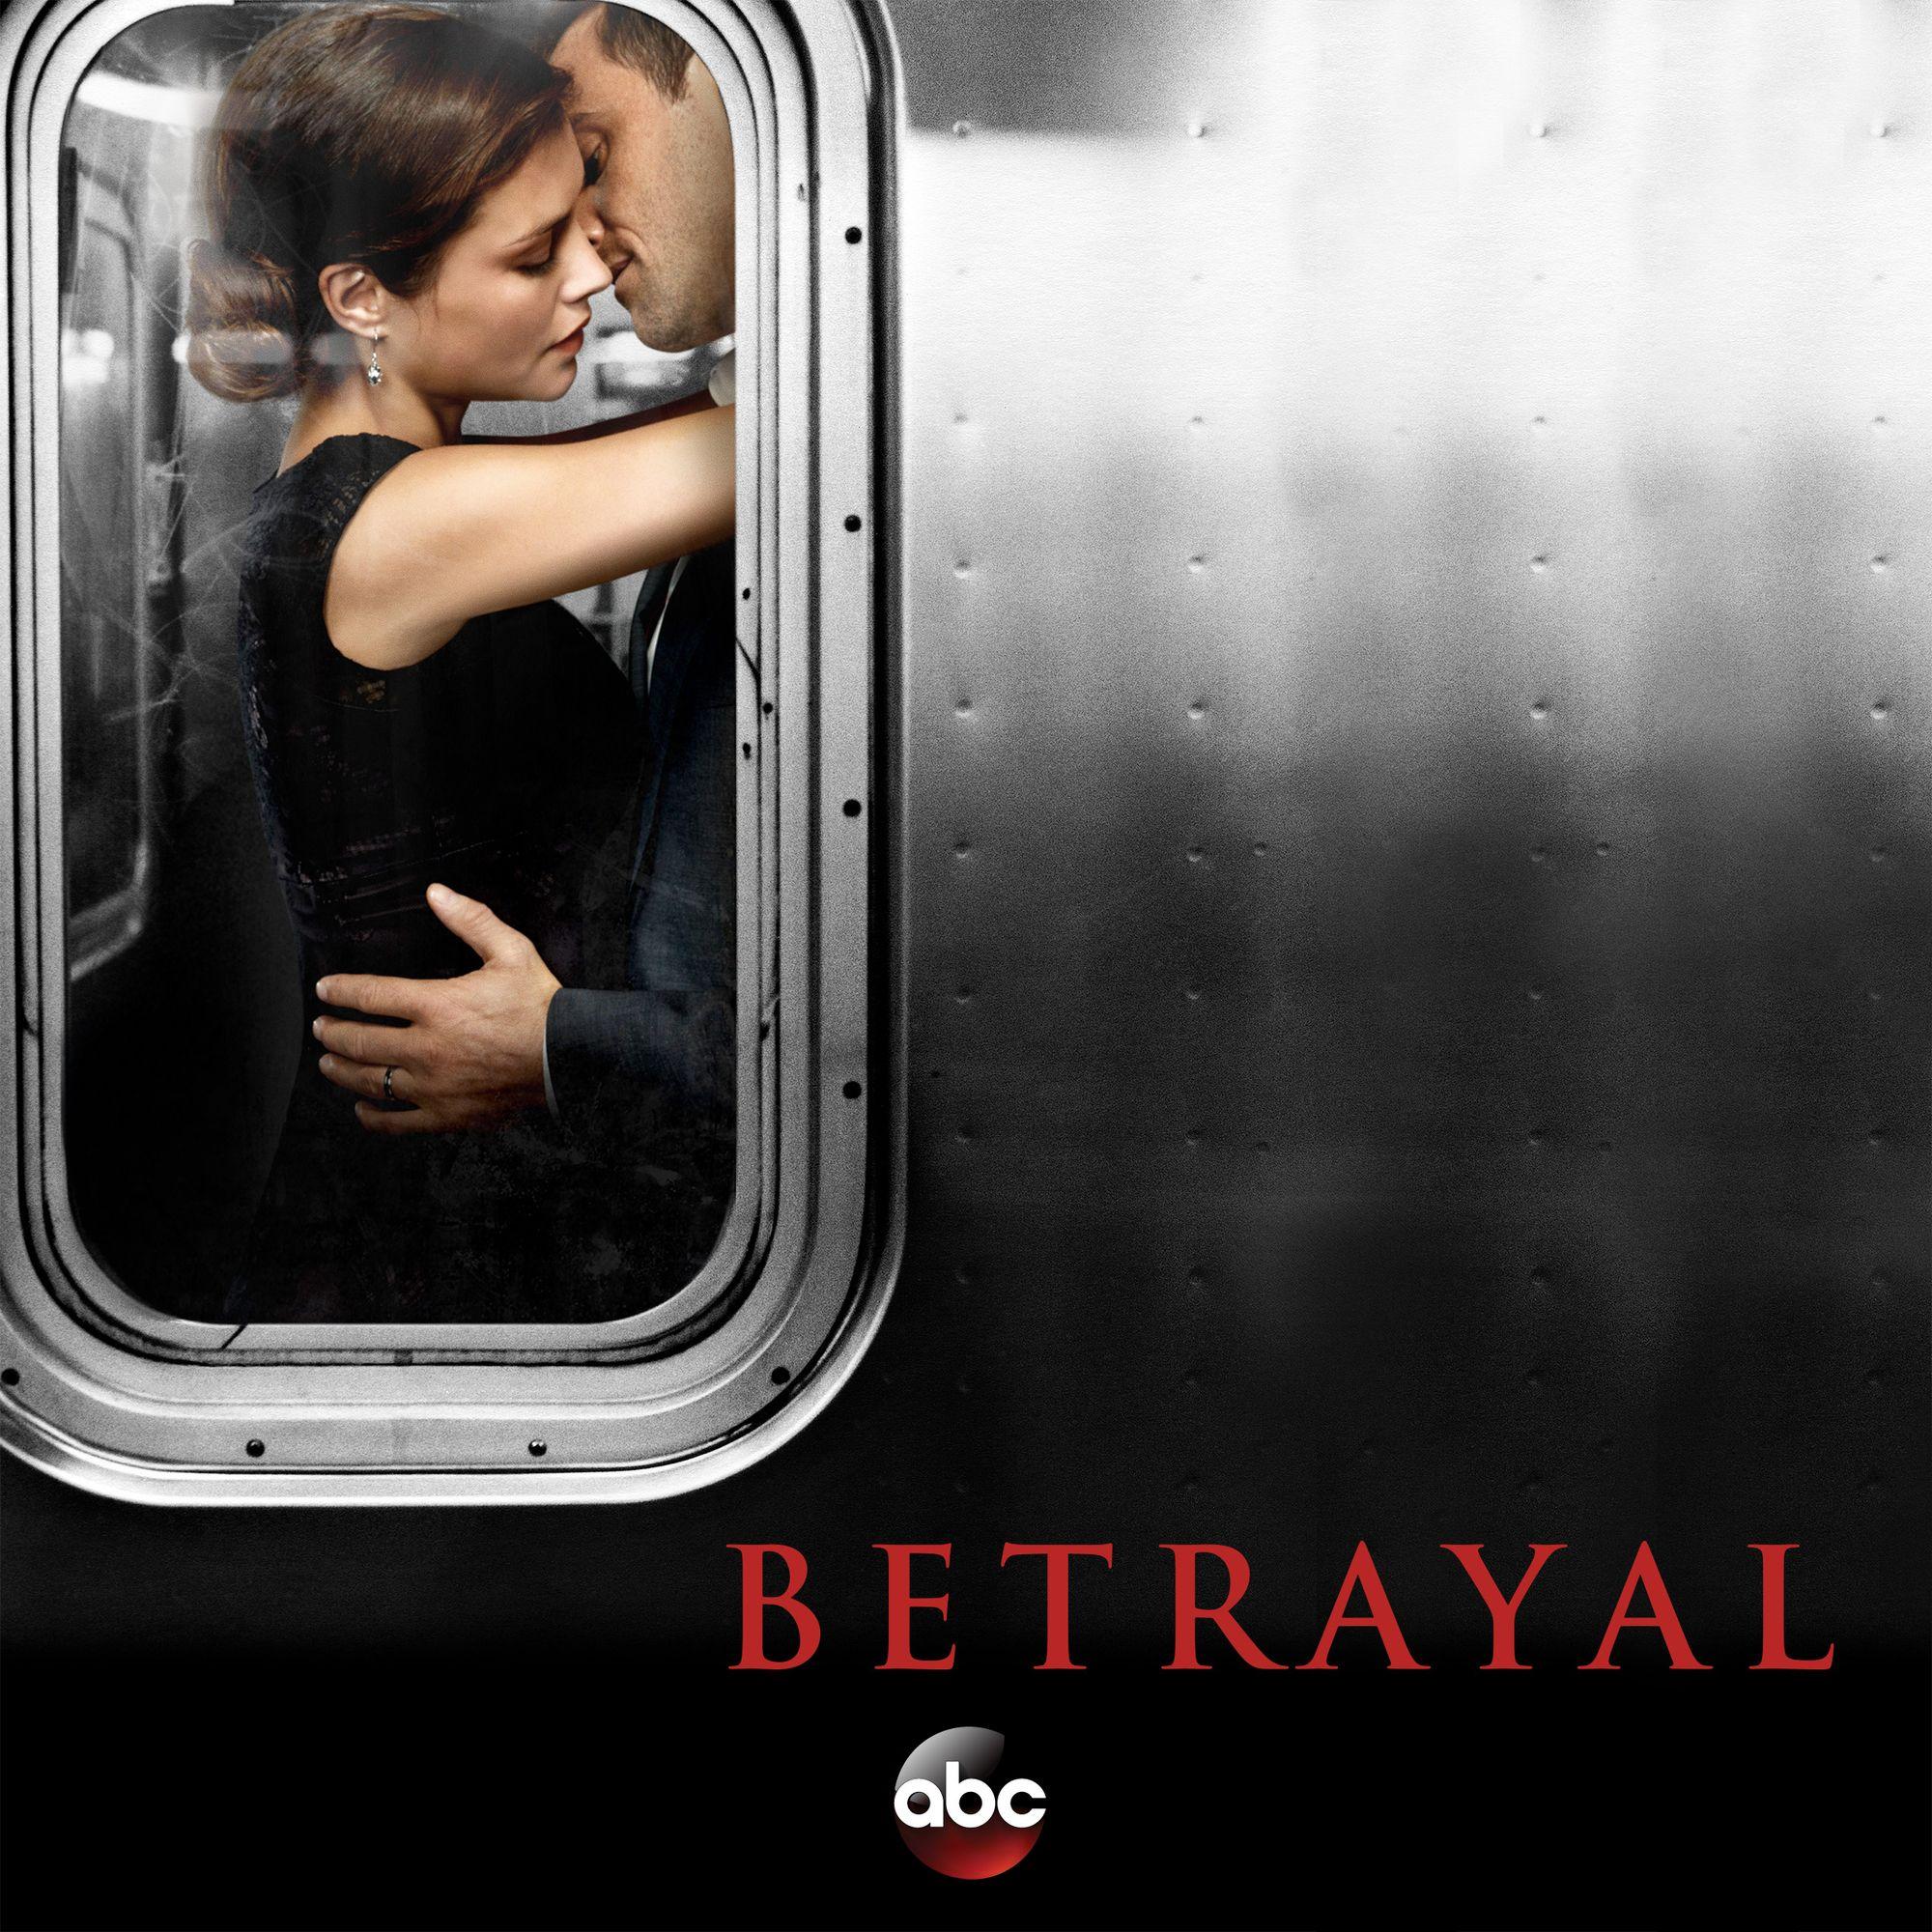 Betrayal Season 01E01-E13 HDTV Mxzu